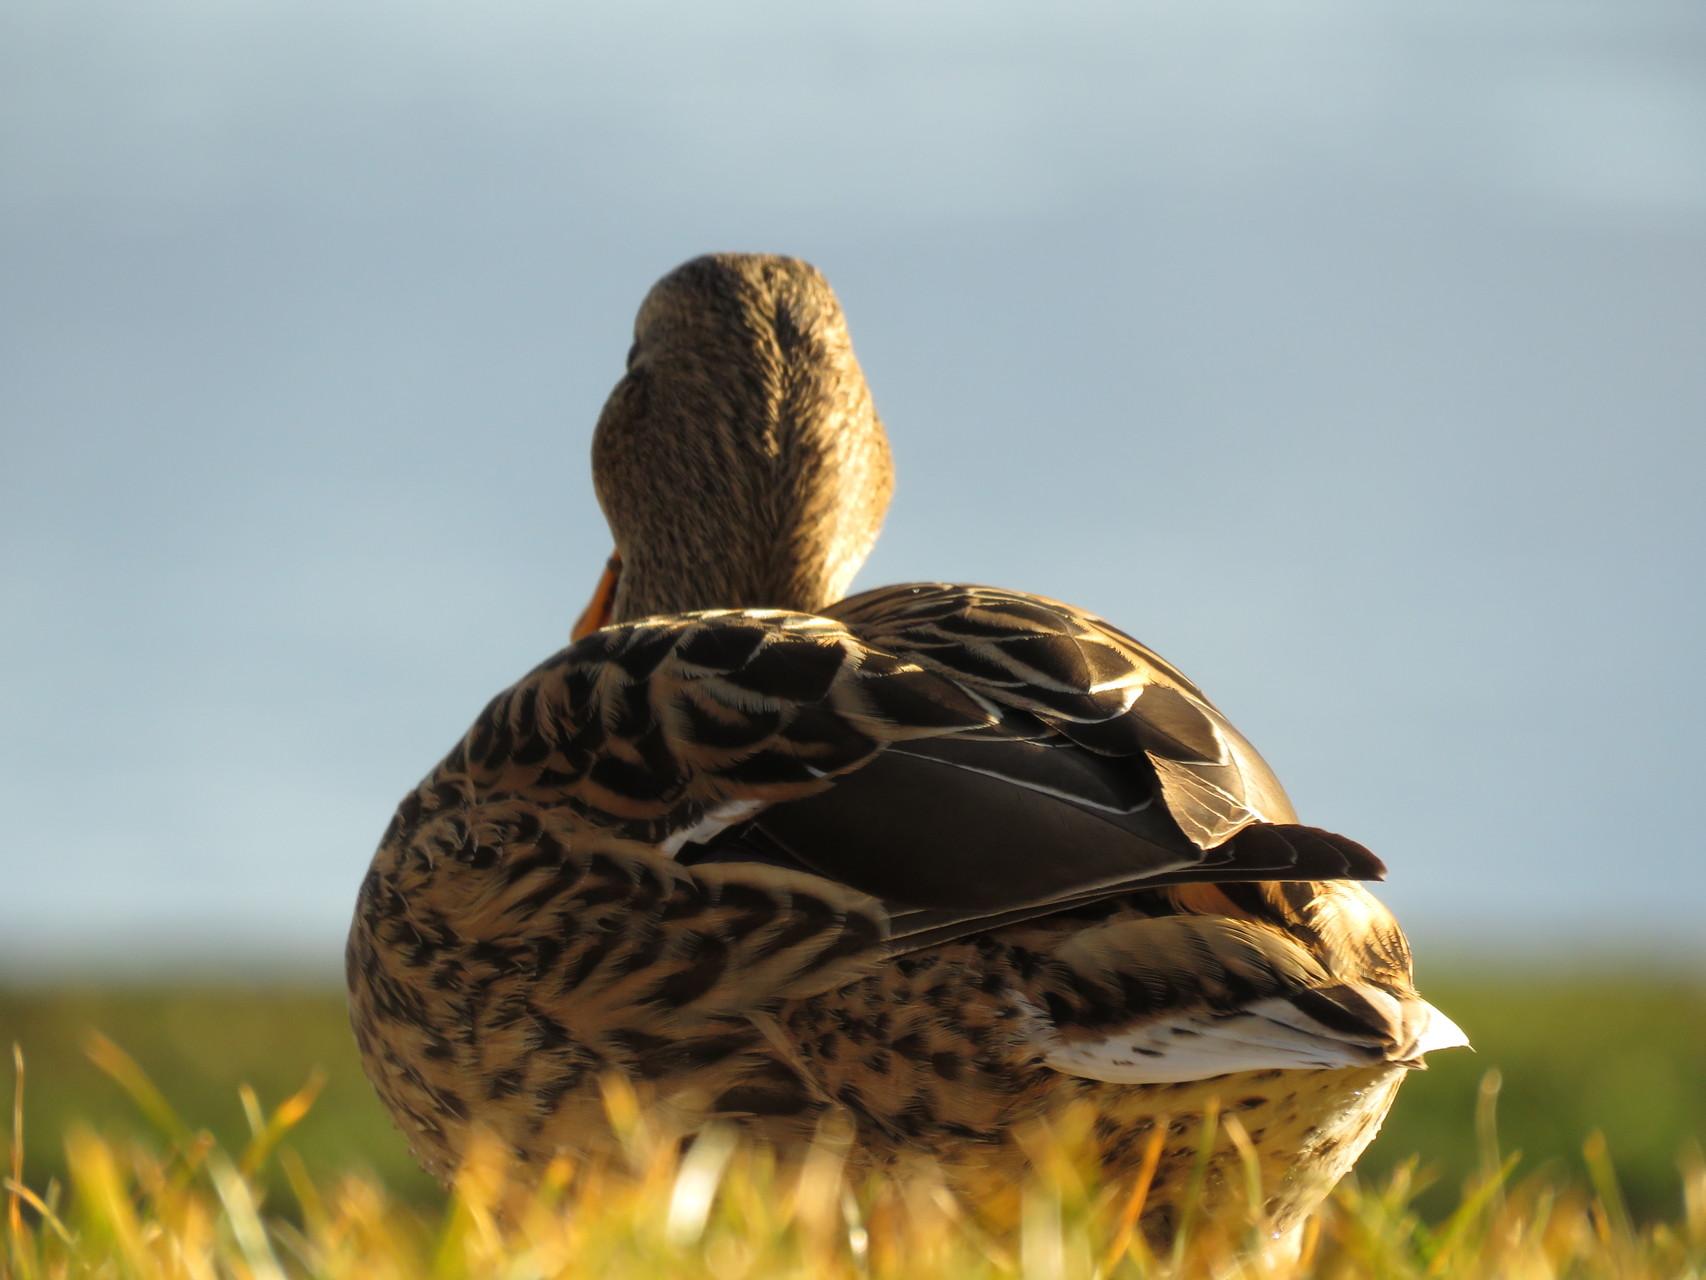 27_Ente mit Blick in die Ferne am Chiemsee in Bayern